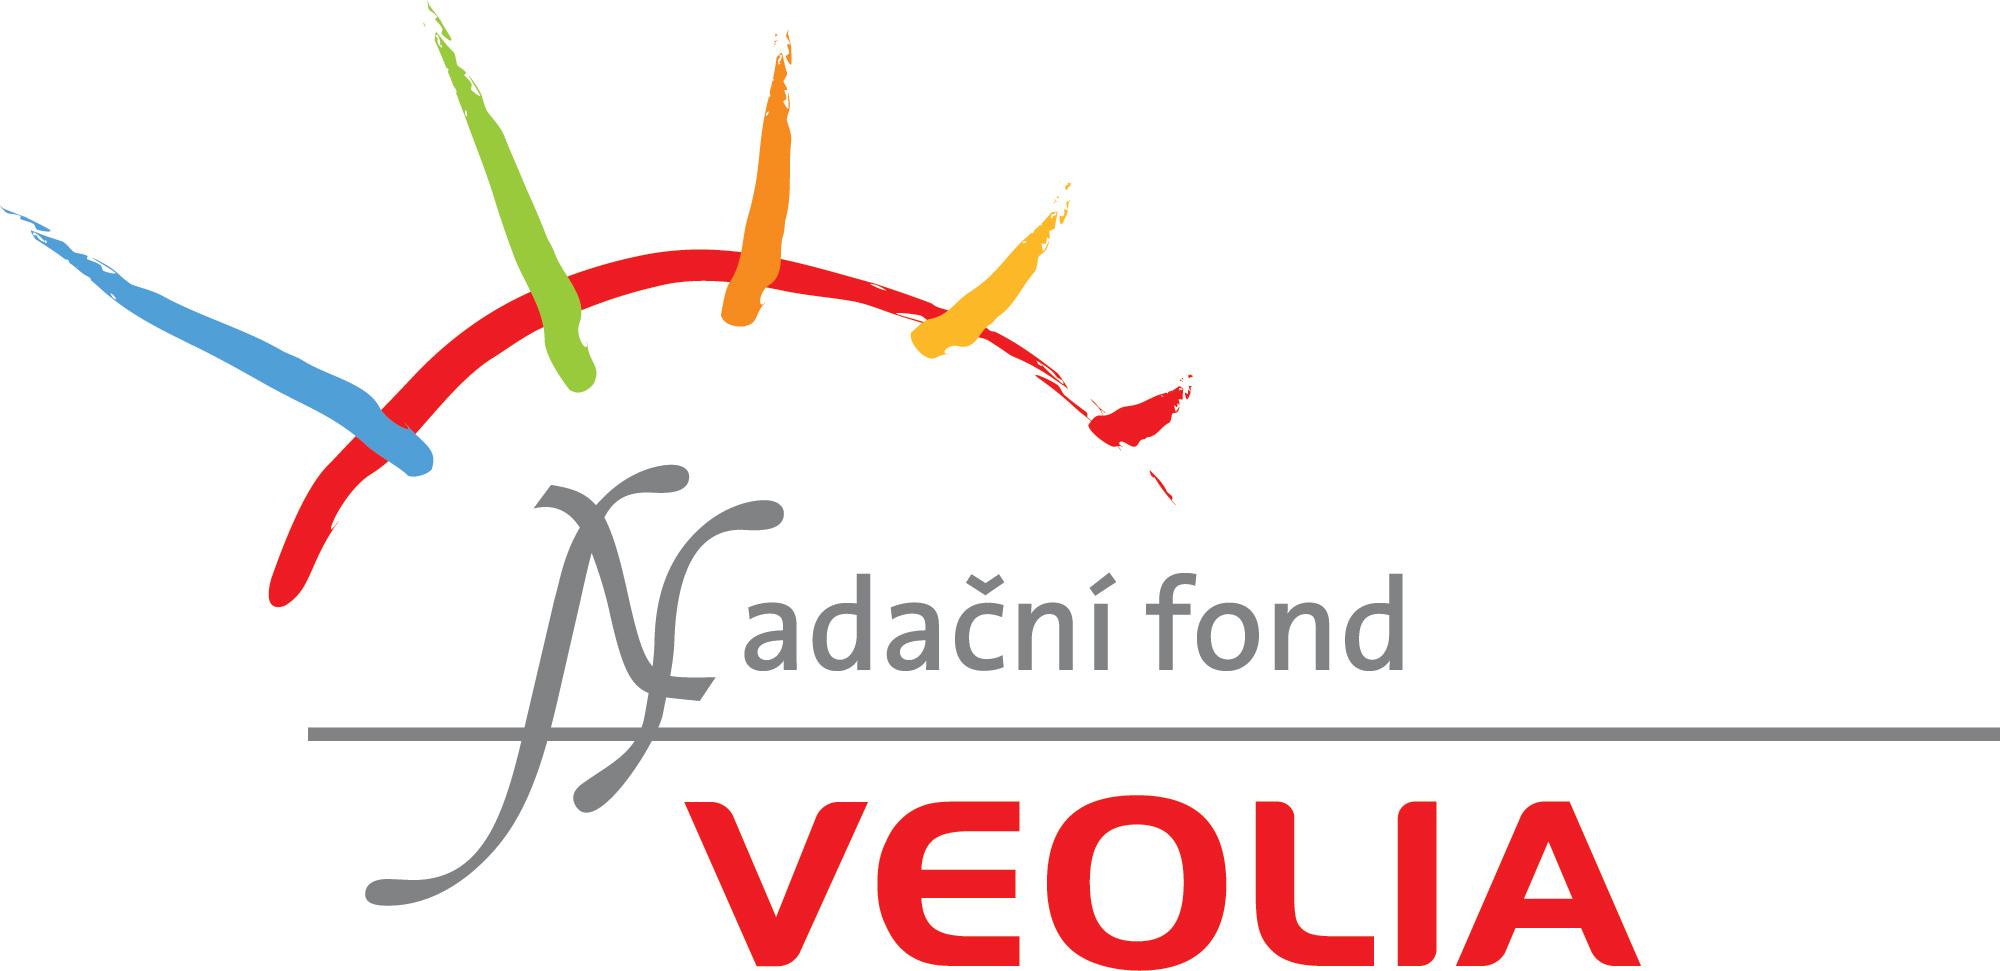 nf_veolia.jpg